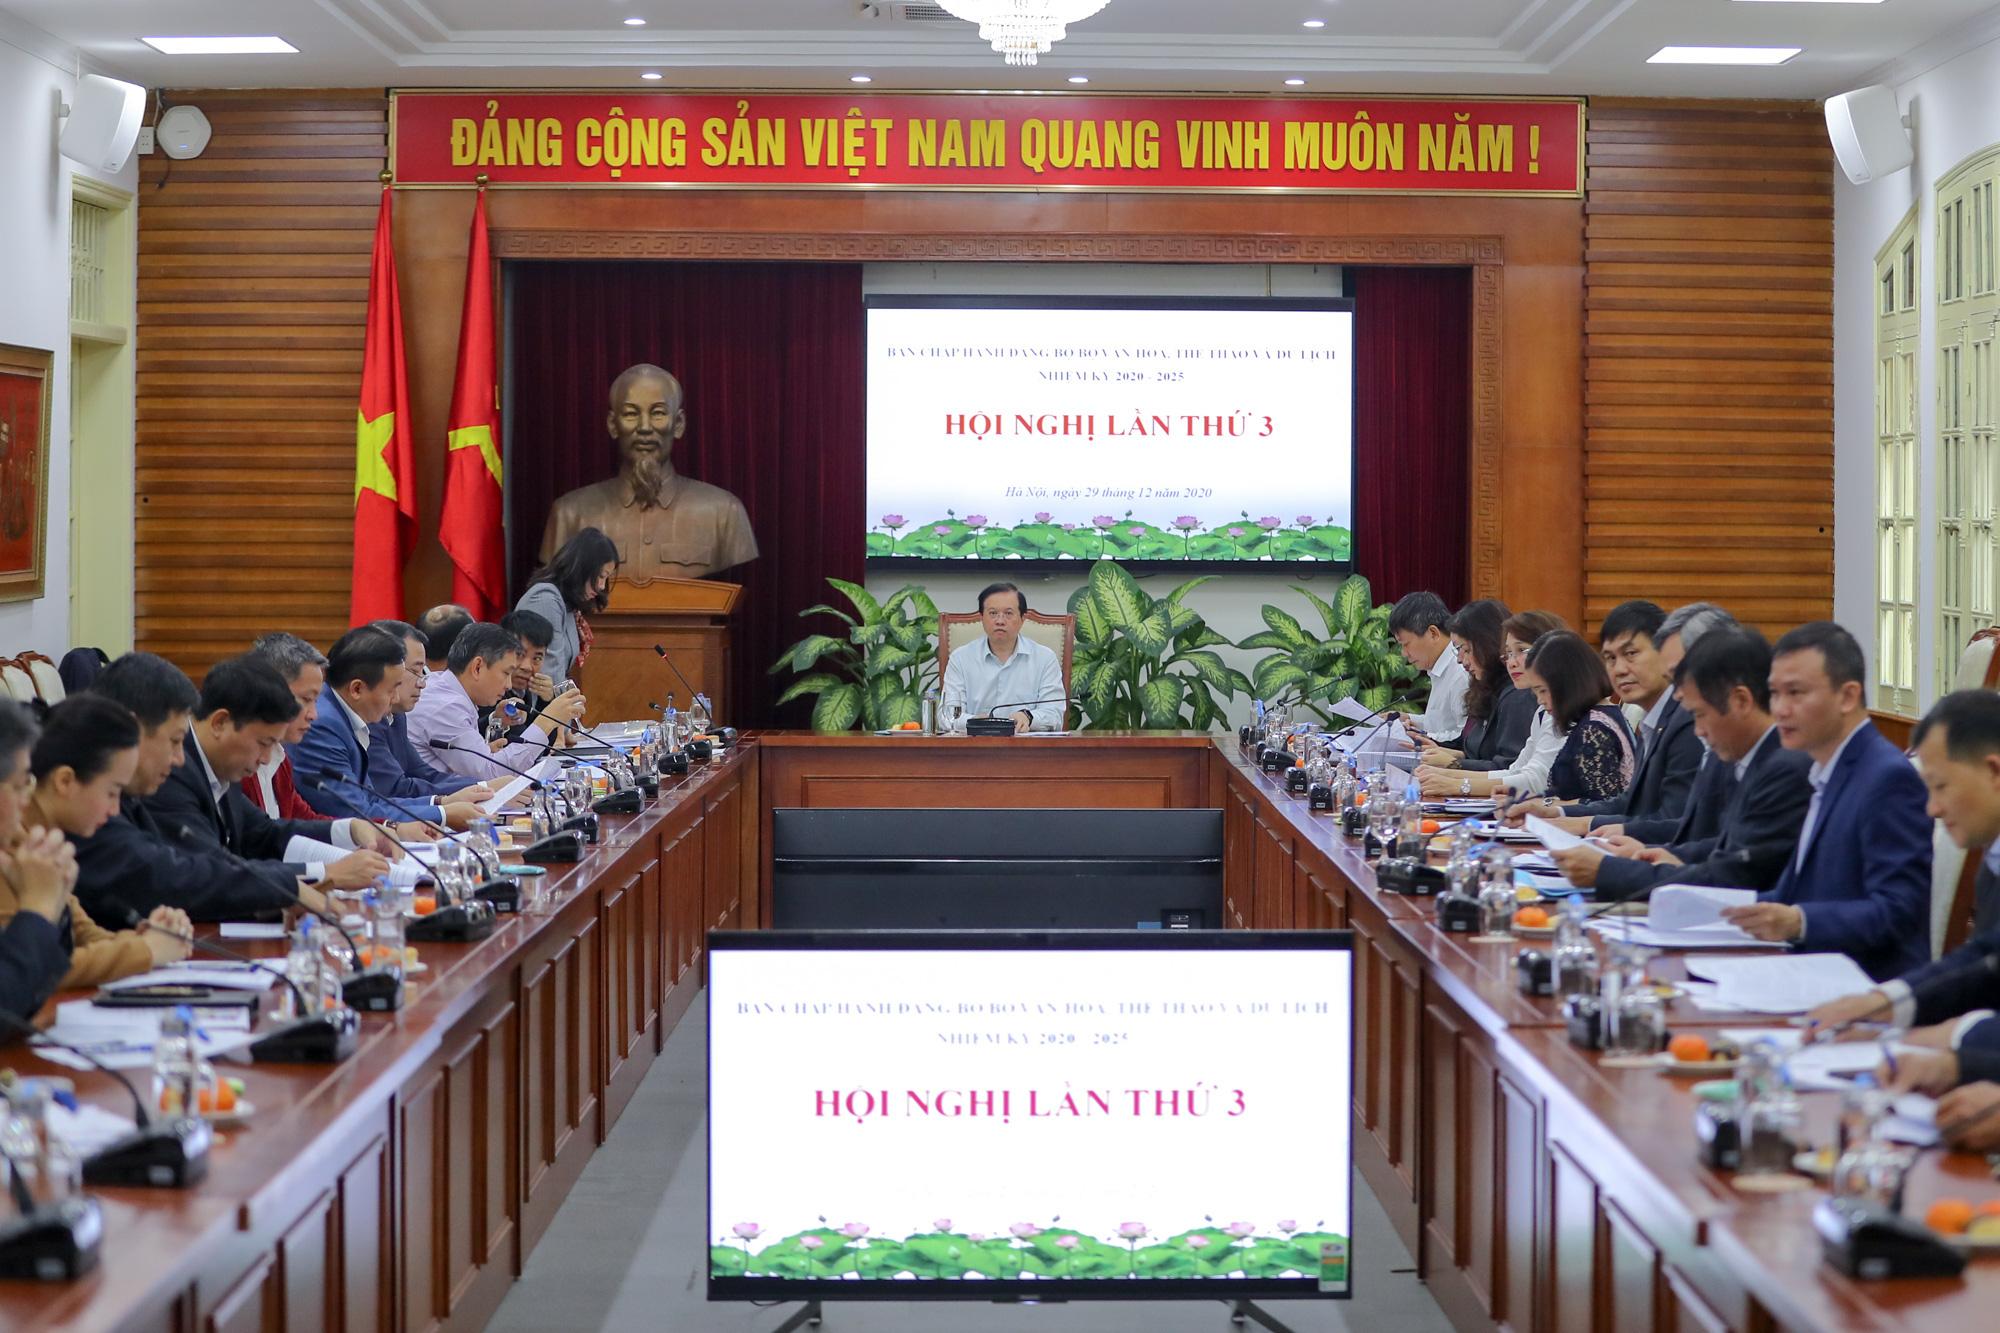 Hội nghị Ban chấp hành Đảng bộ Bộ VHTTDL lần thứ 3 - Ảnh 4.